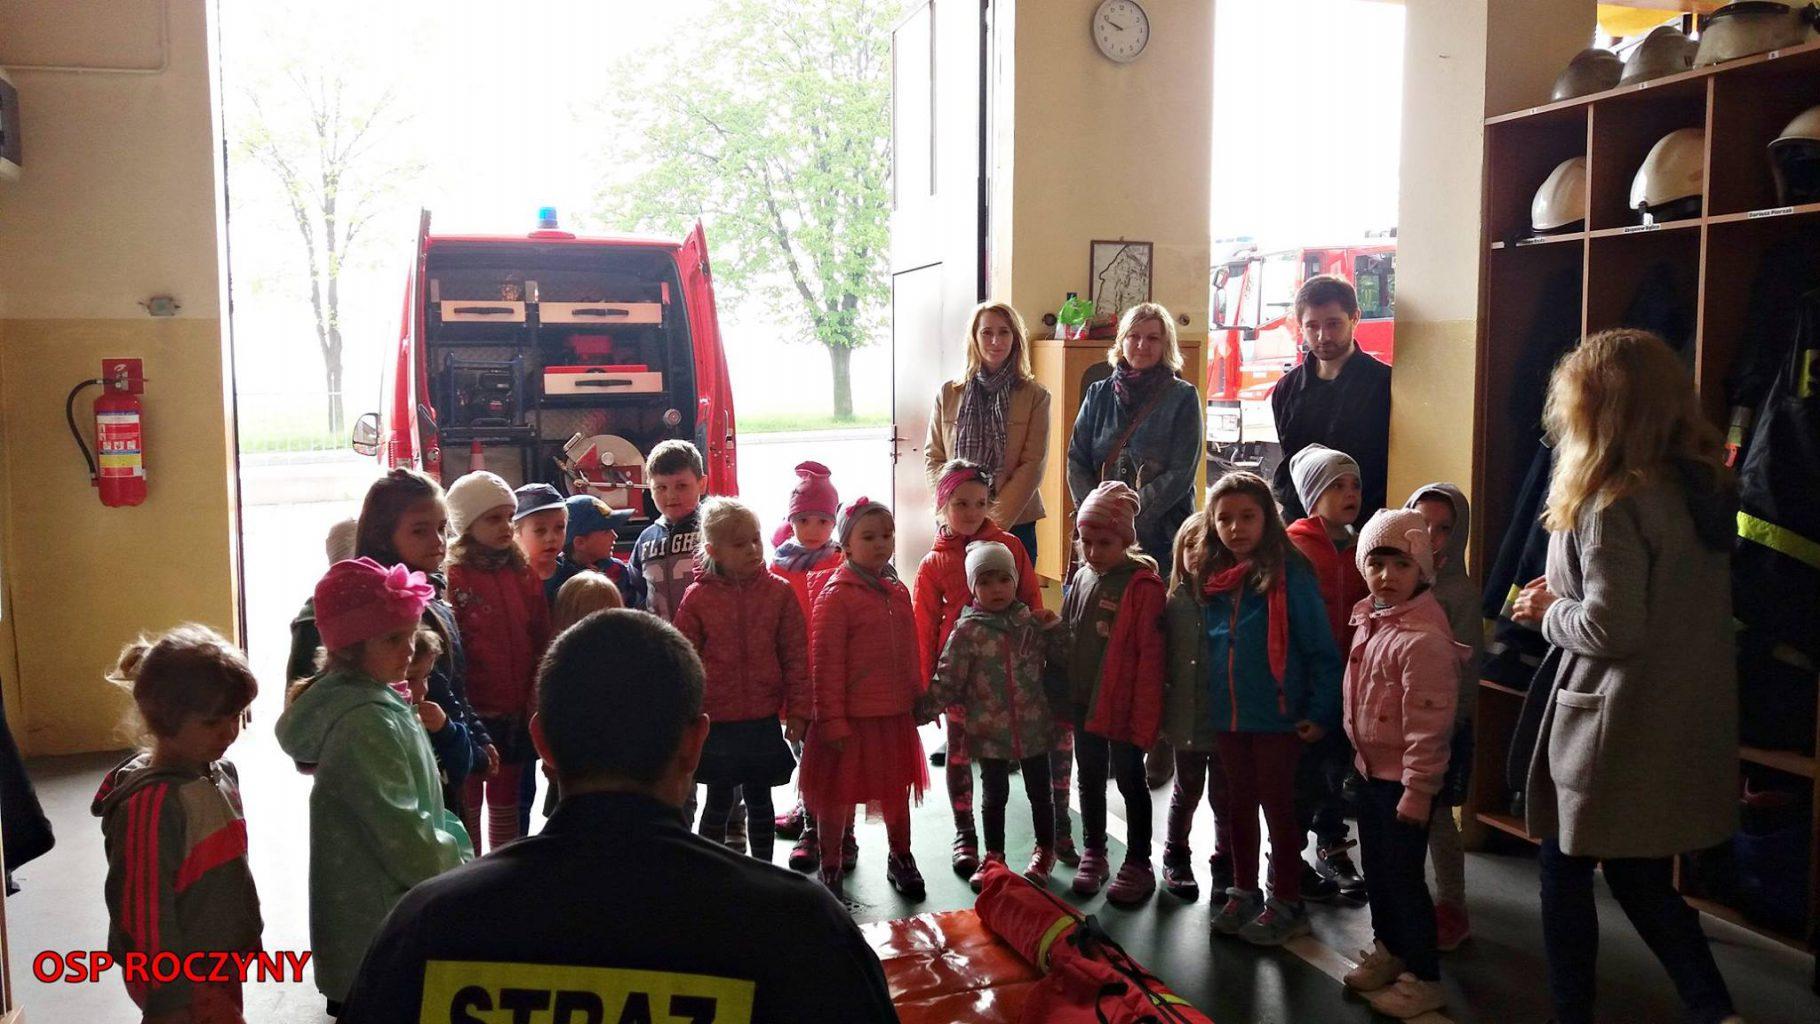 Wizyta przedszkolaków w remizie OSP Roczyny.